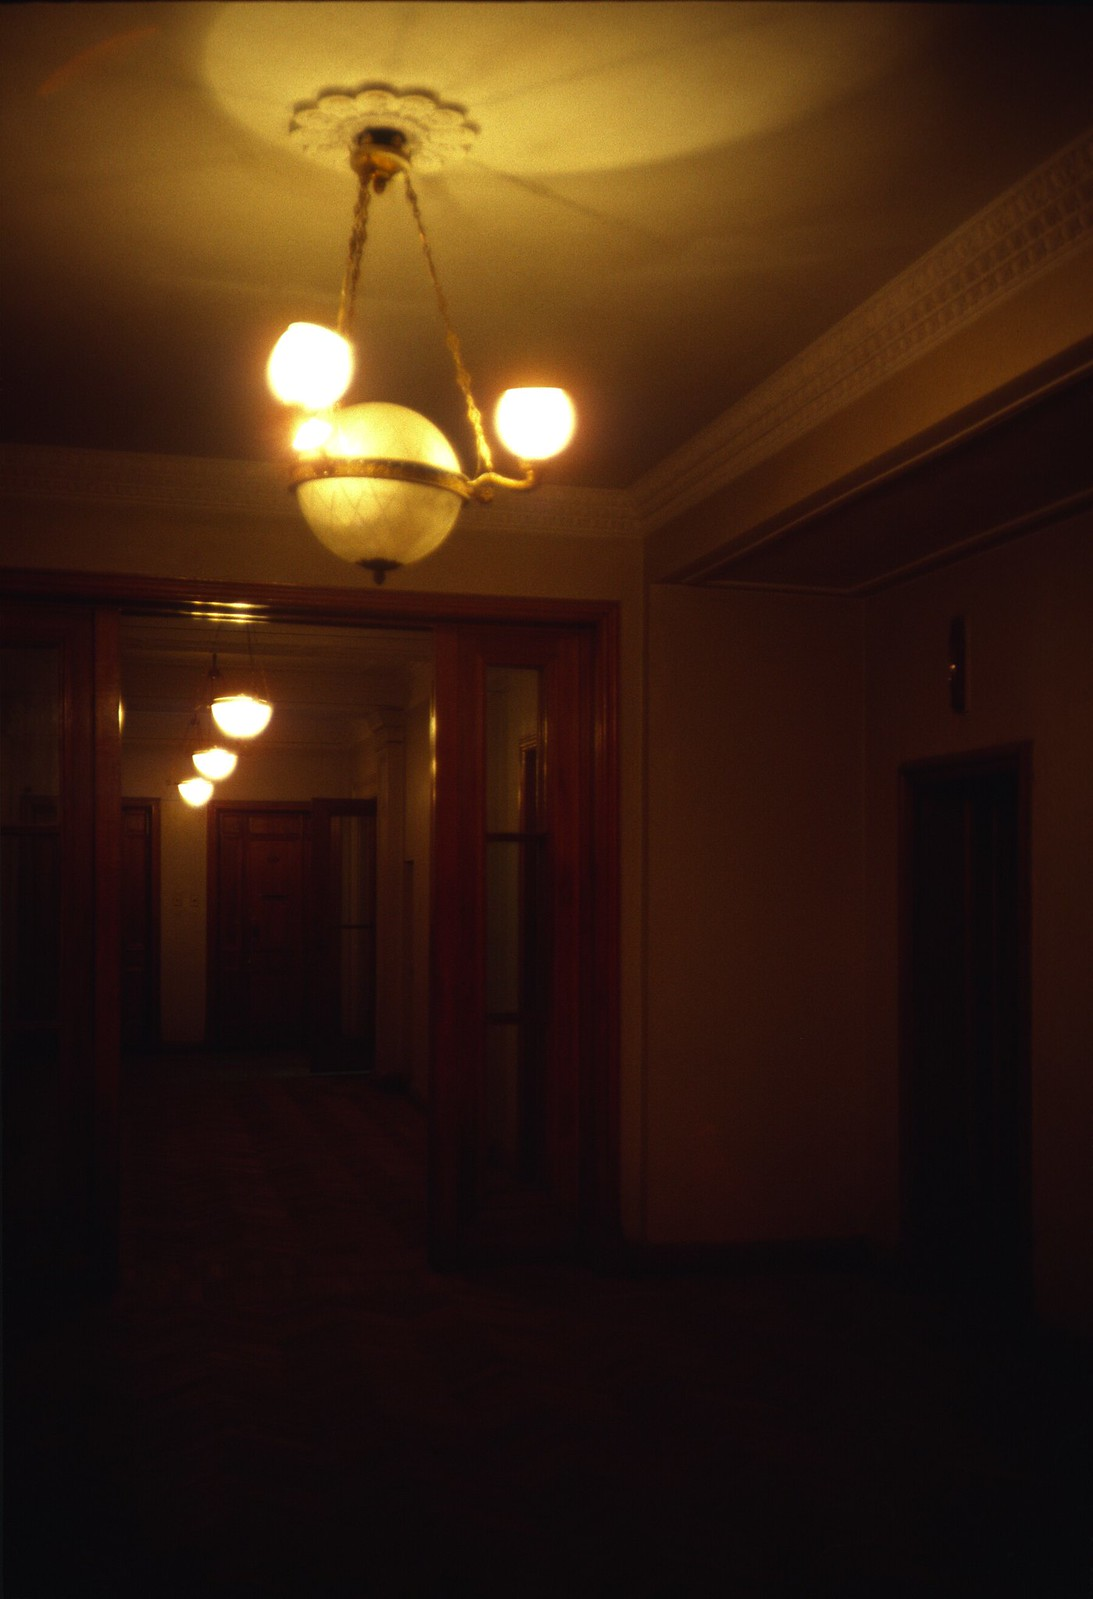 Площадь Восстания. 2 этаж, внутренний коридор(1)